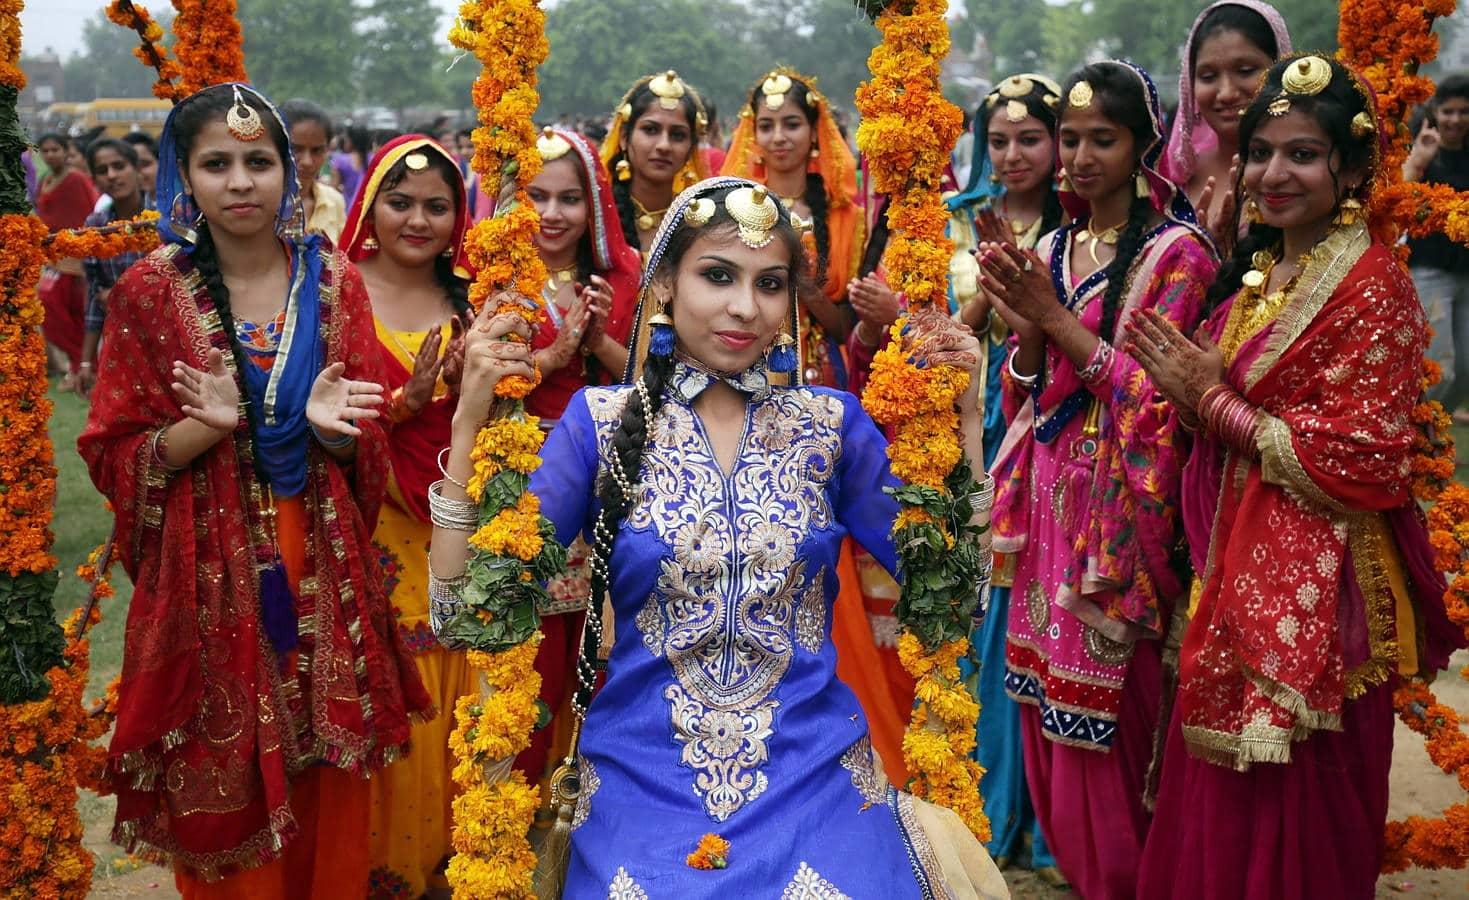 Mujeres con trajes tradicionales de India